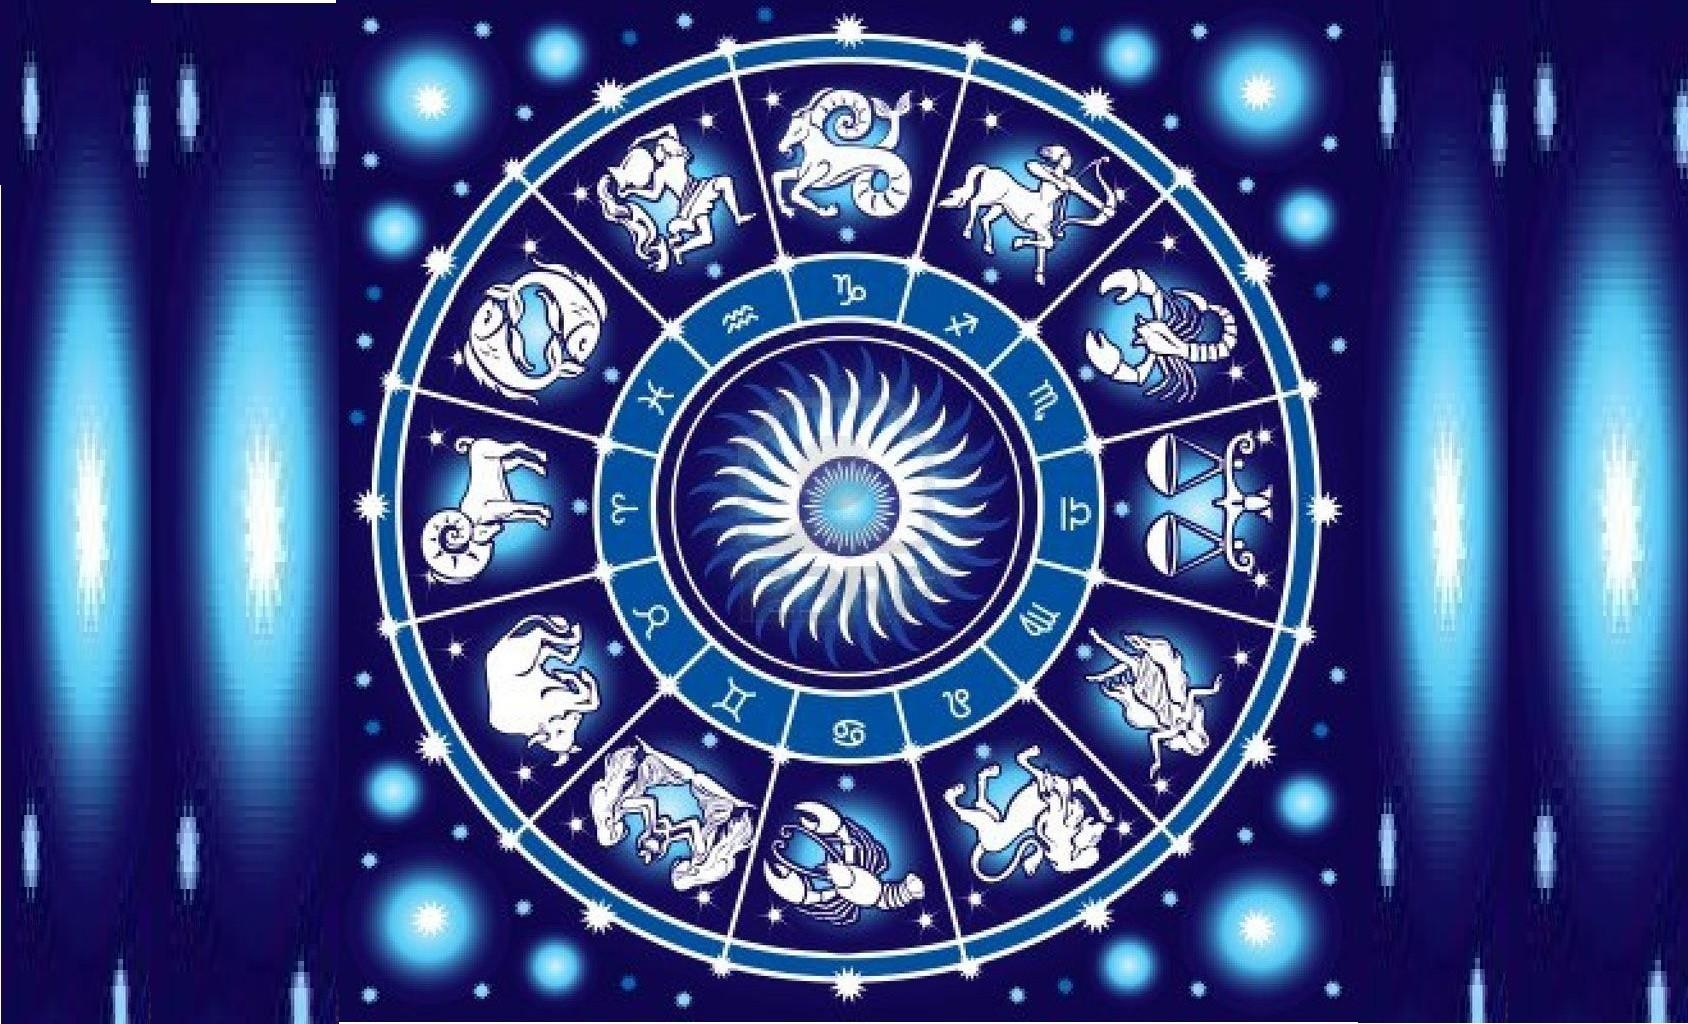 صورة رمز كل برج في مقال واحد,صور ابراج فلك